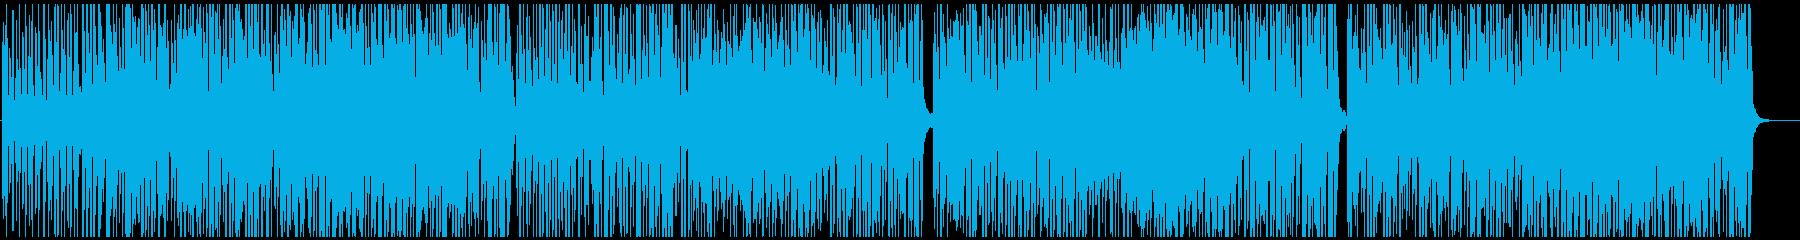 伝統的 ジャズ ビバップ ディキシ...の再生済みの波形